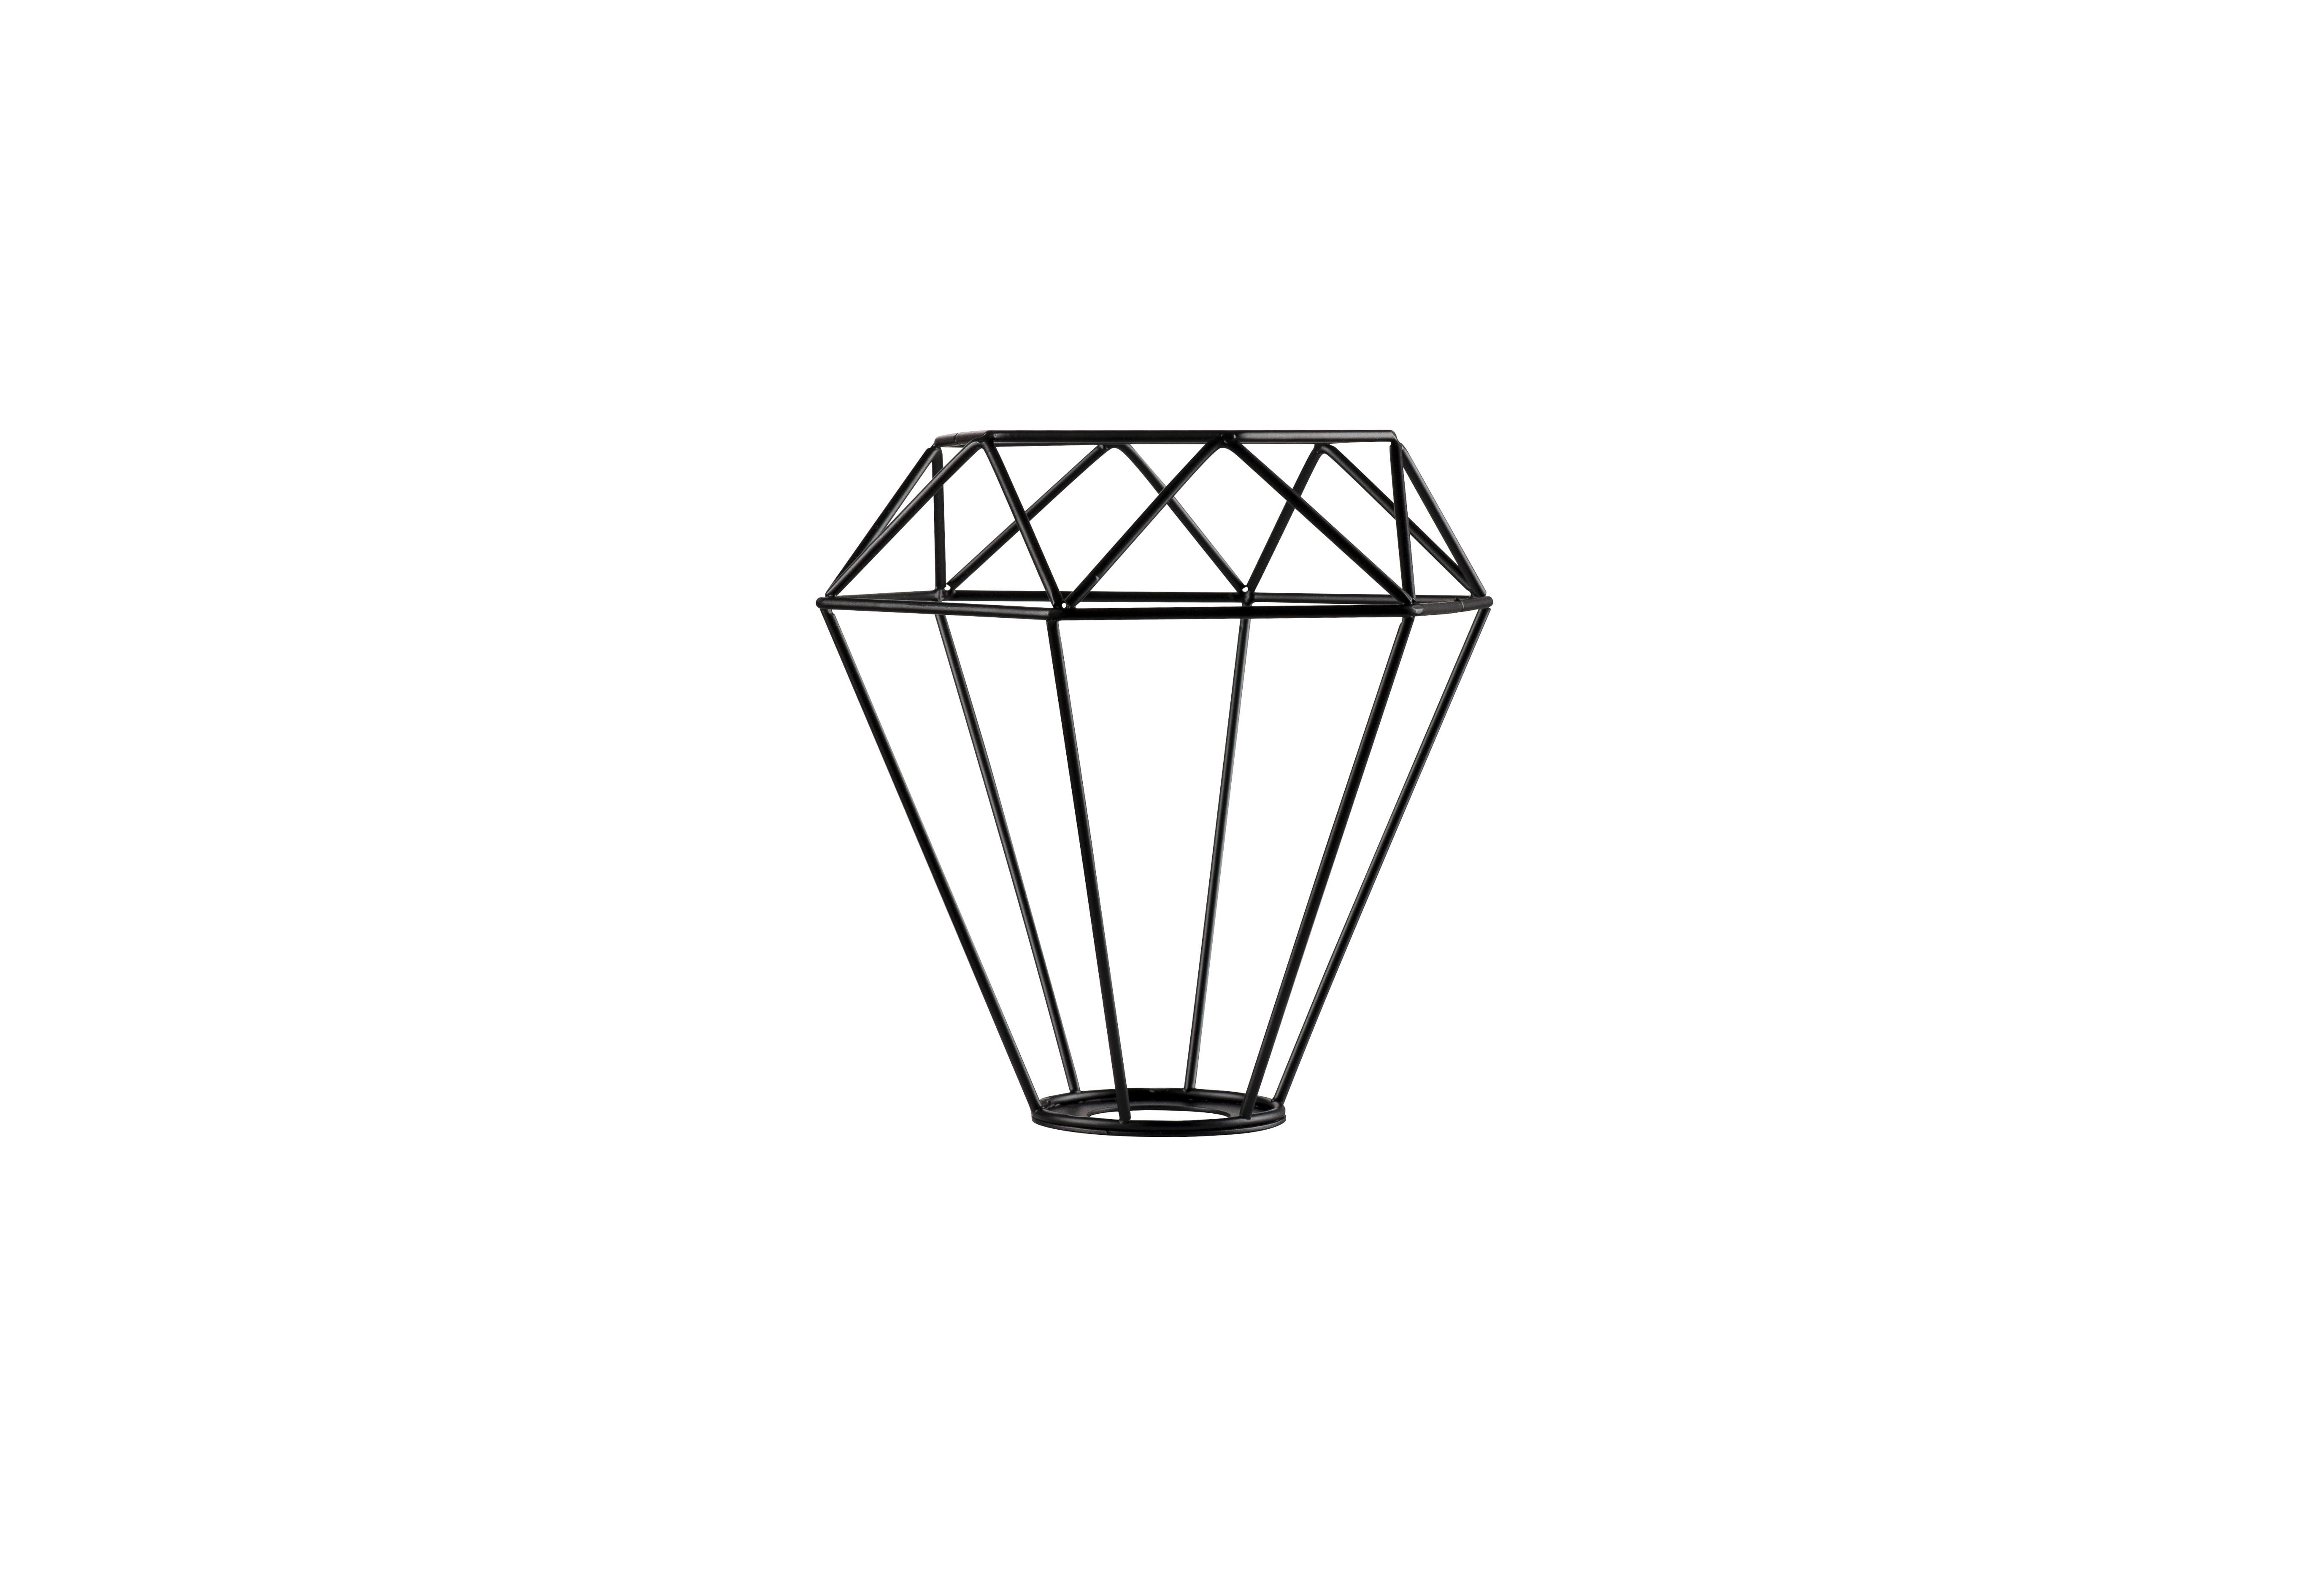 1 Stk FENDA, Leuchtenschirm, Gitterschirm, L/B/H 20,5/18/20,5 cm LI156950--